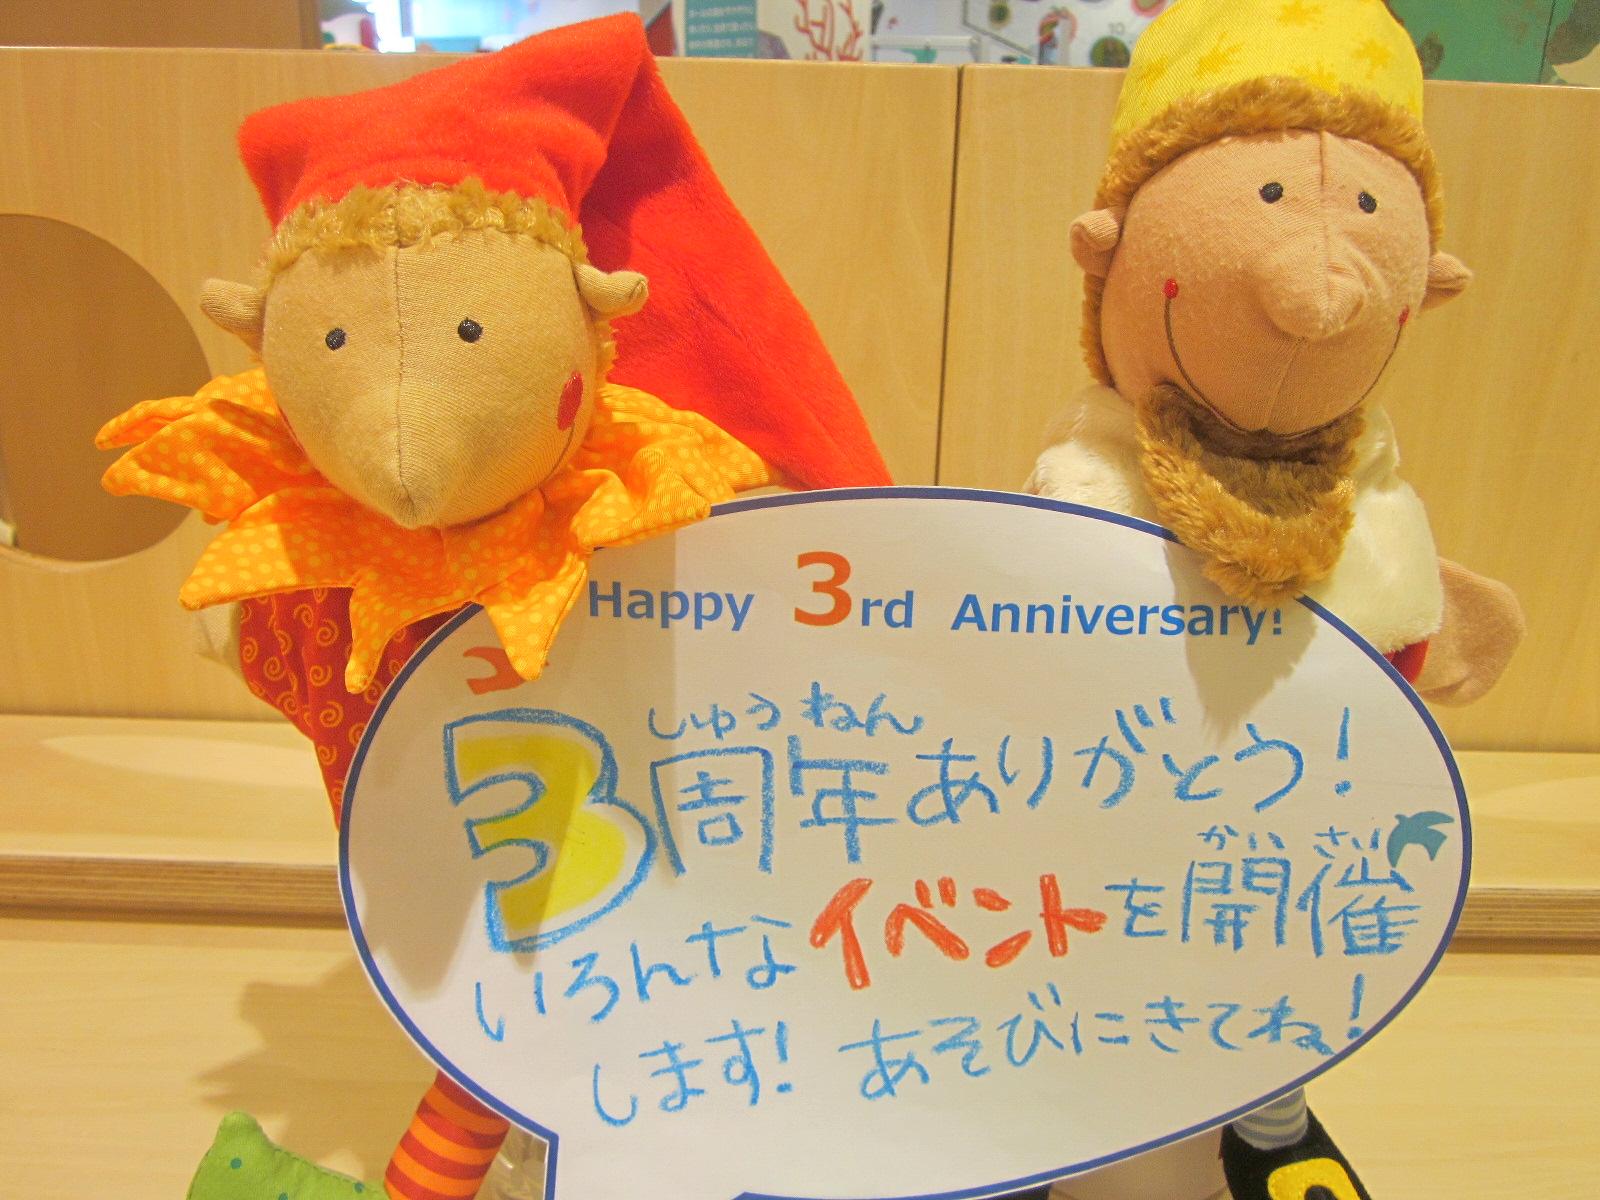 マークイズみなとみらい店3周年フェア開催のお知らせ!